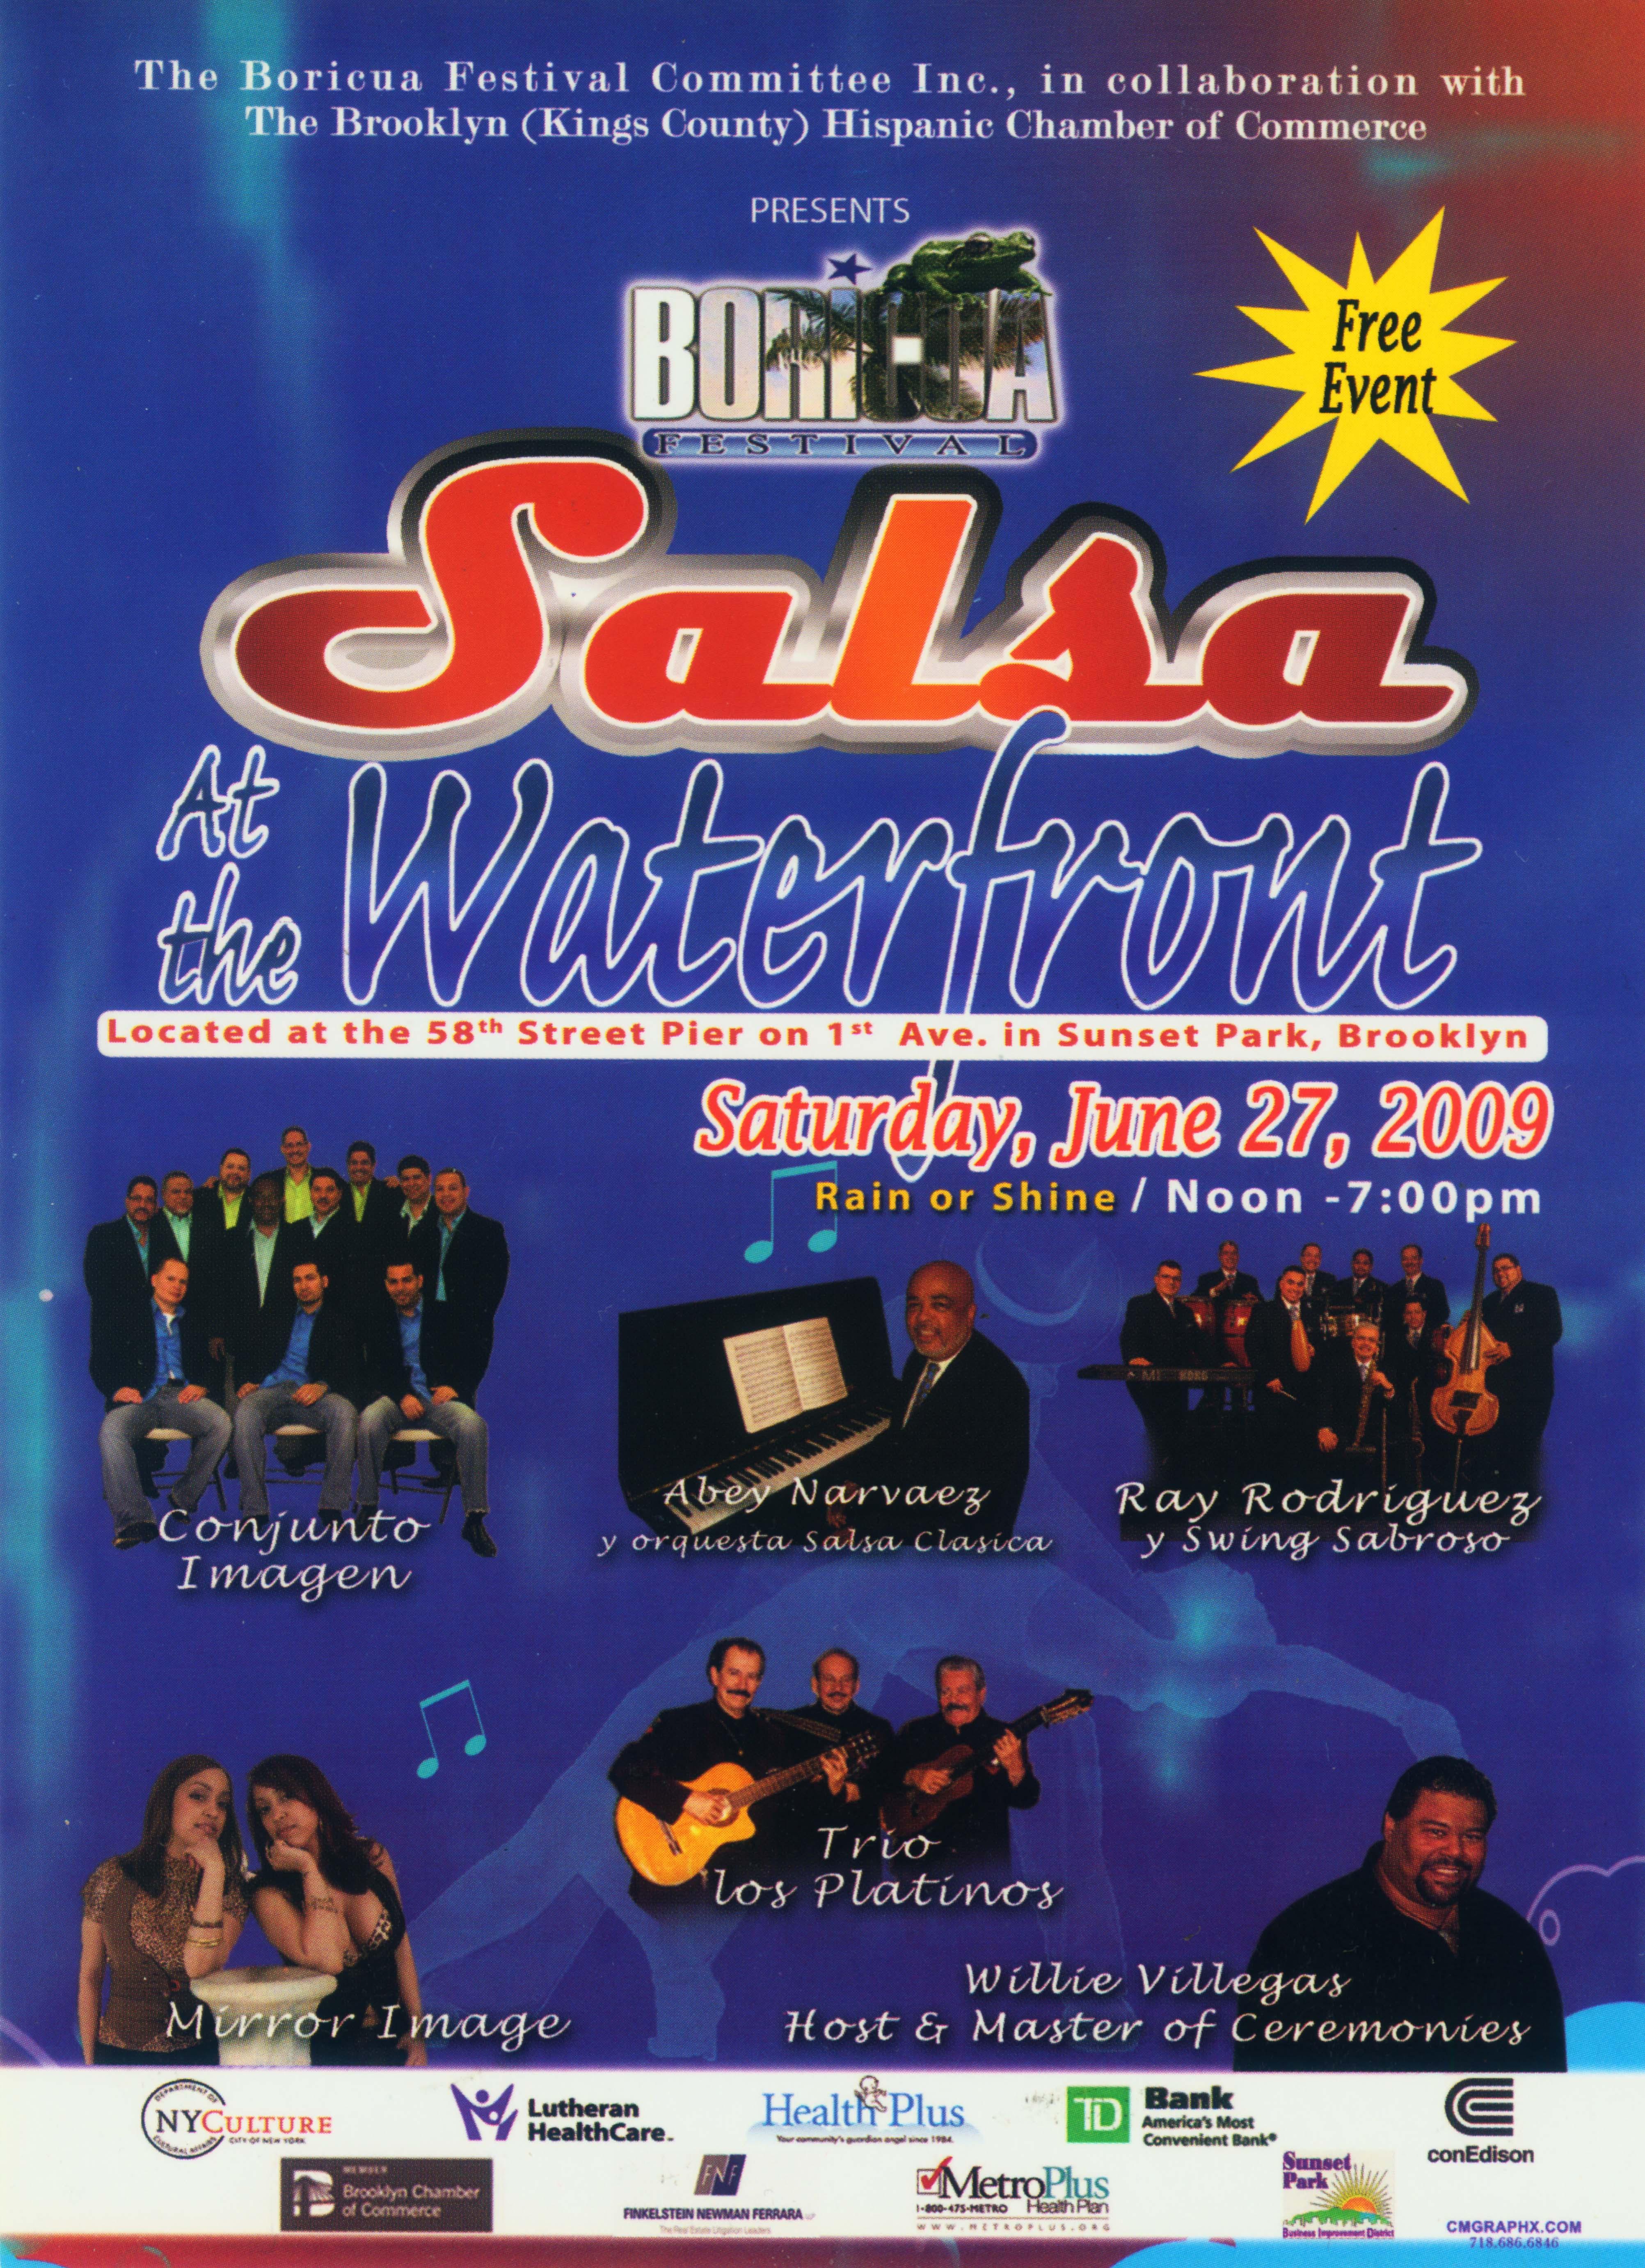 Boricua Festival 2009 Poster